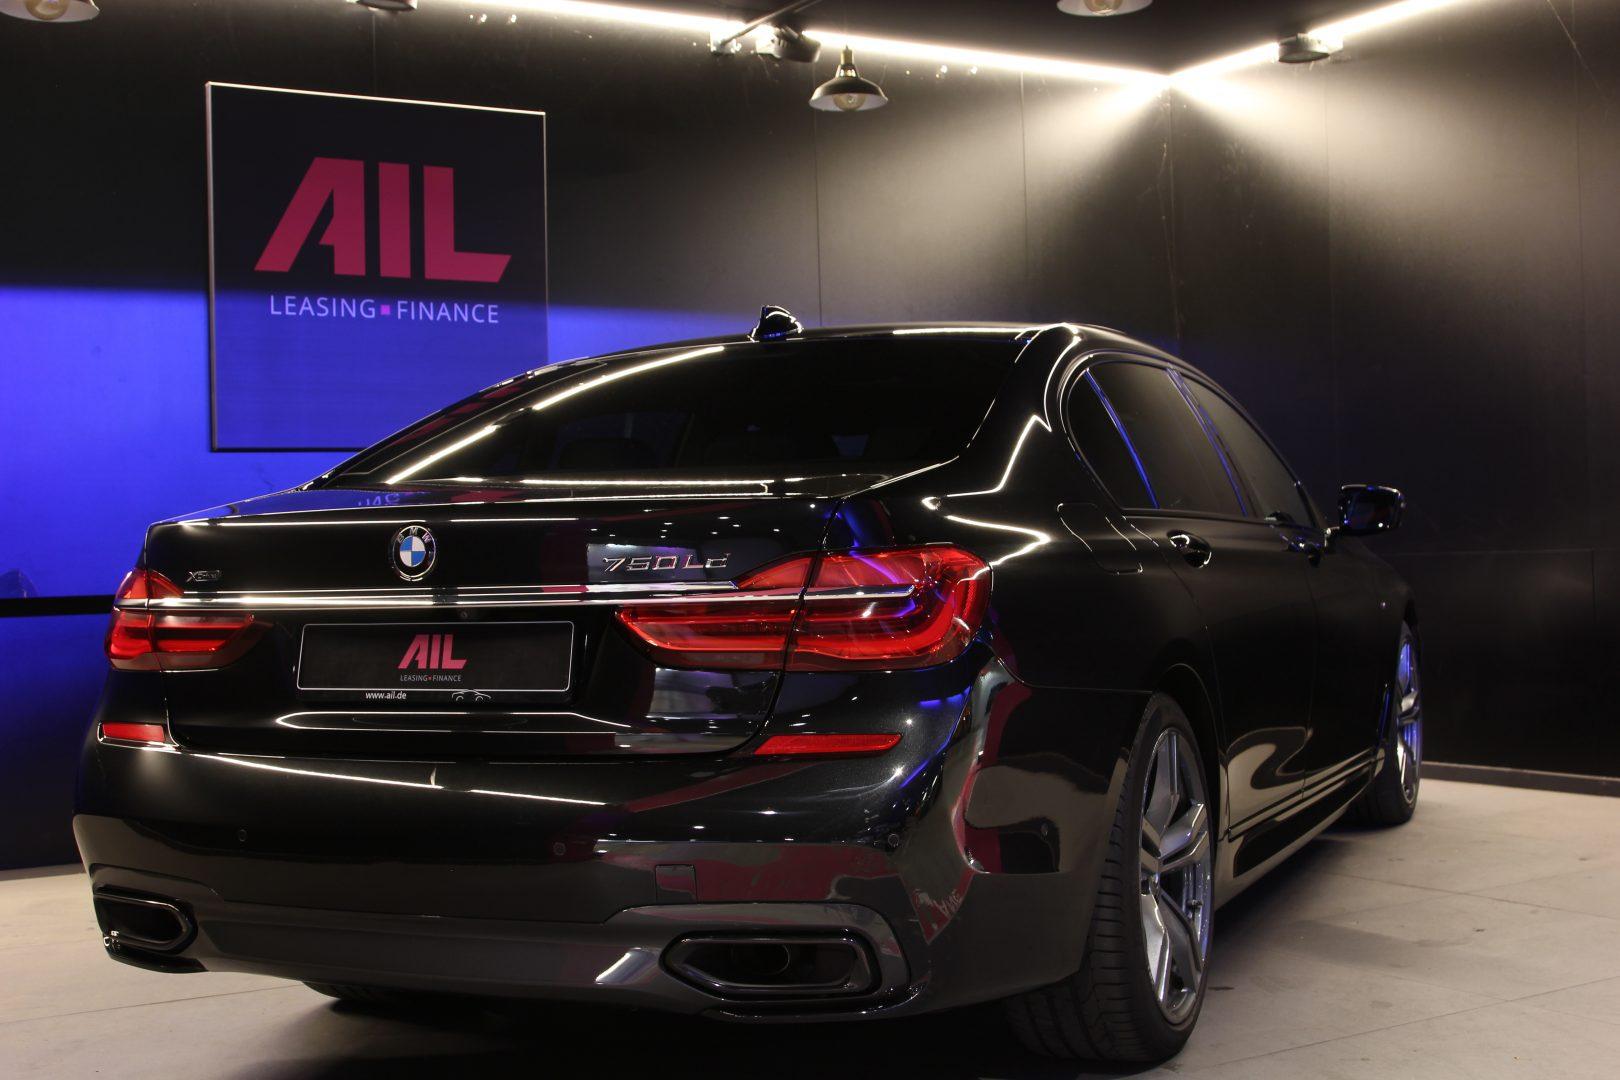 AIL BMW 750Ld xDrive M-Paket  10